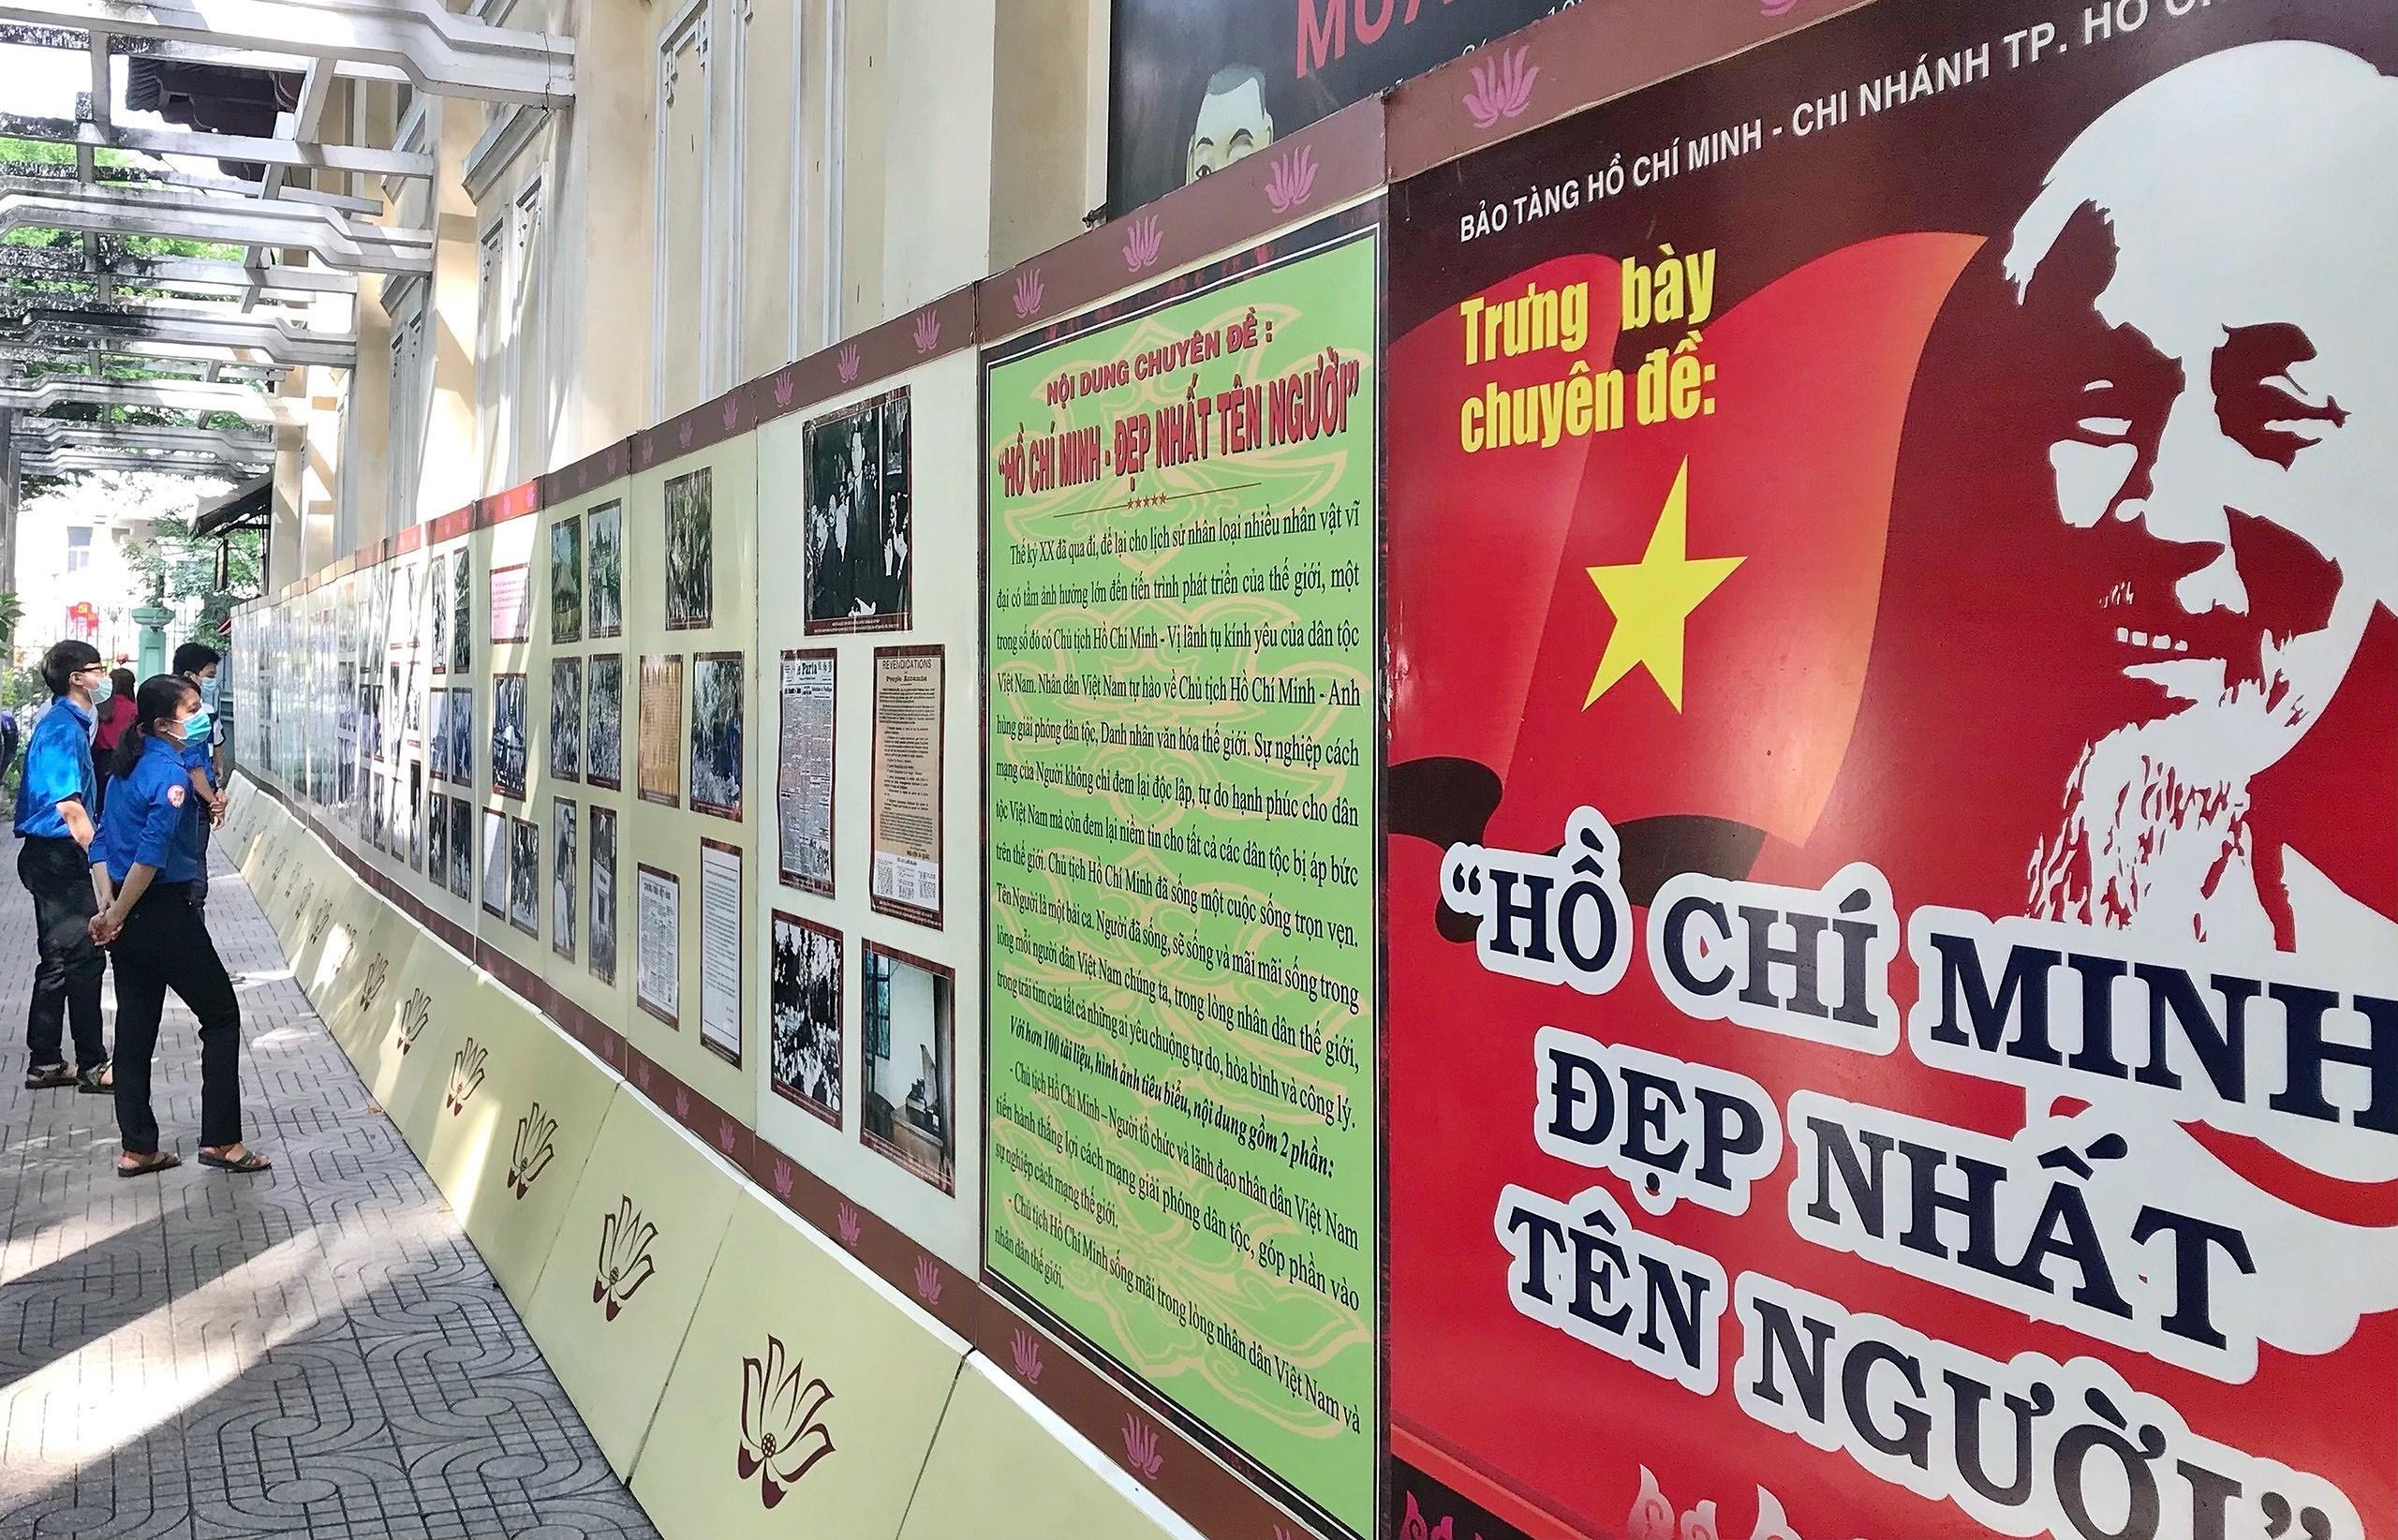 Exhibition spotlights President Ho Chi Minh's revolutionary career hinh anh 2